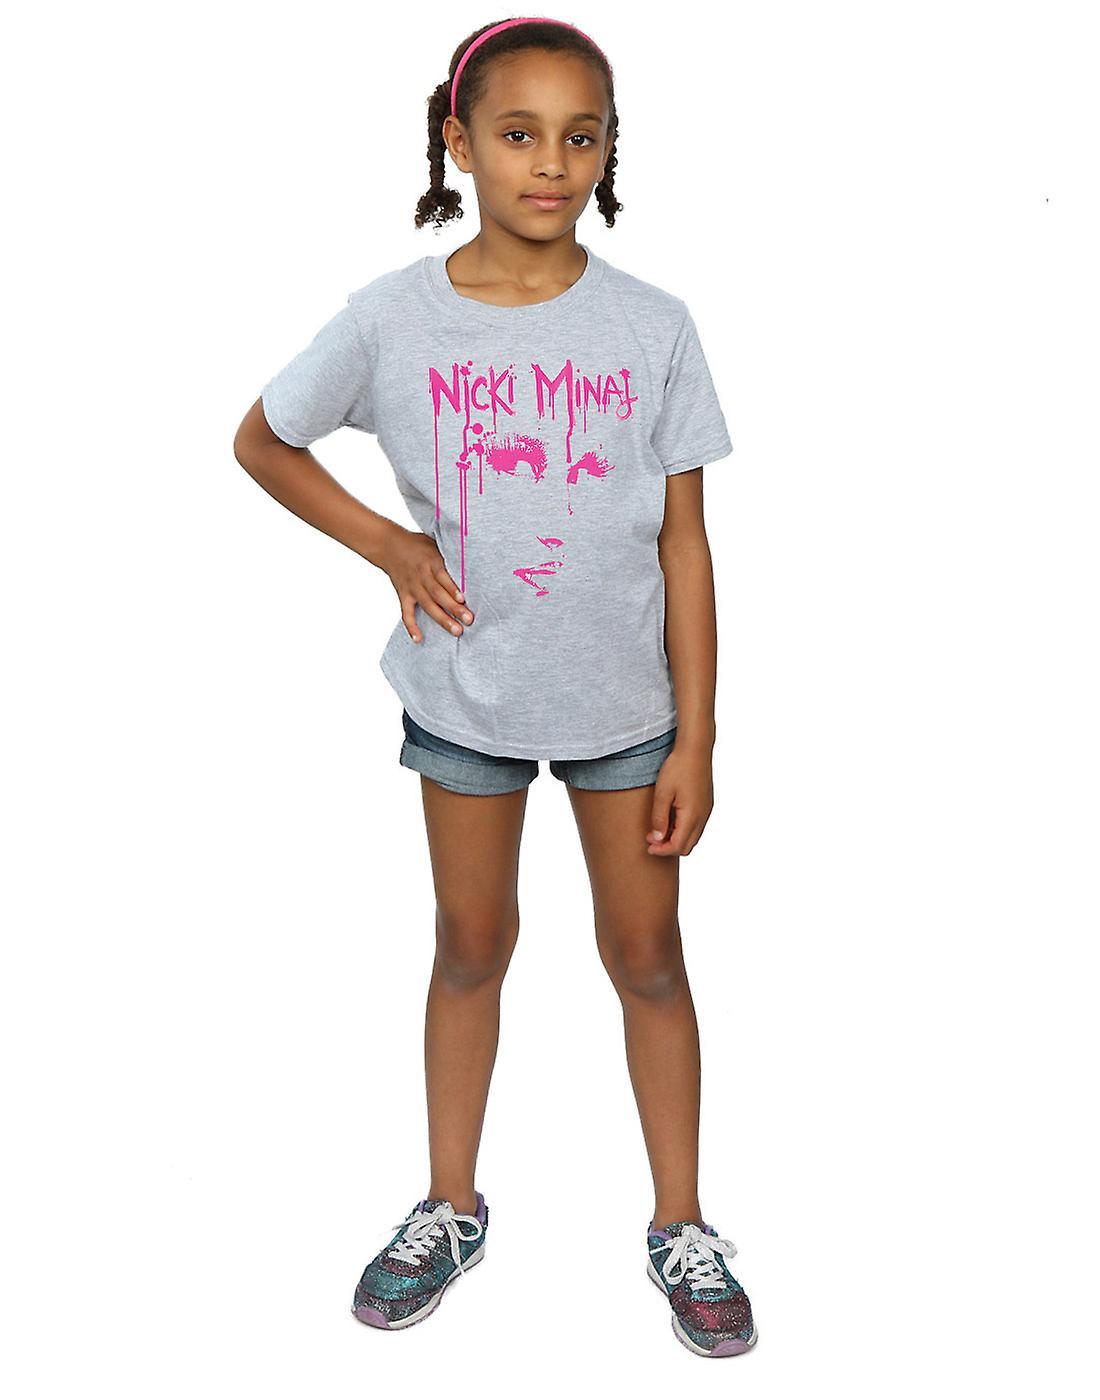 Nicki Minaj Girls Face Drip T-Shirt